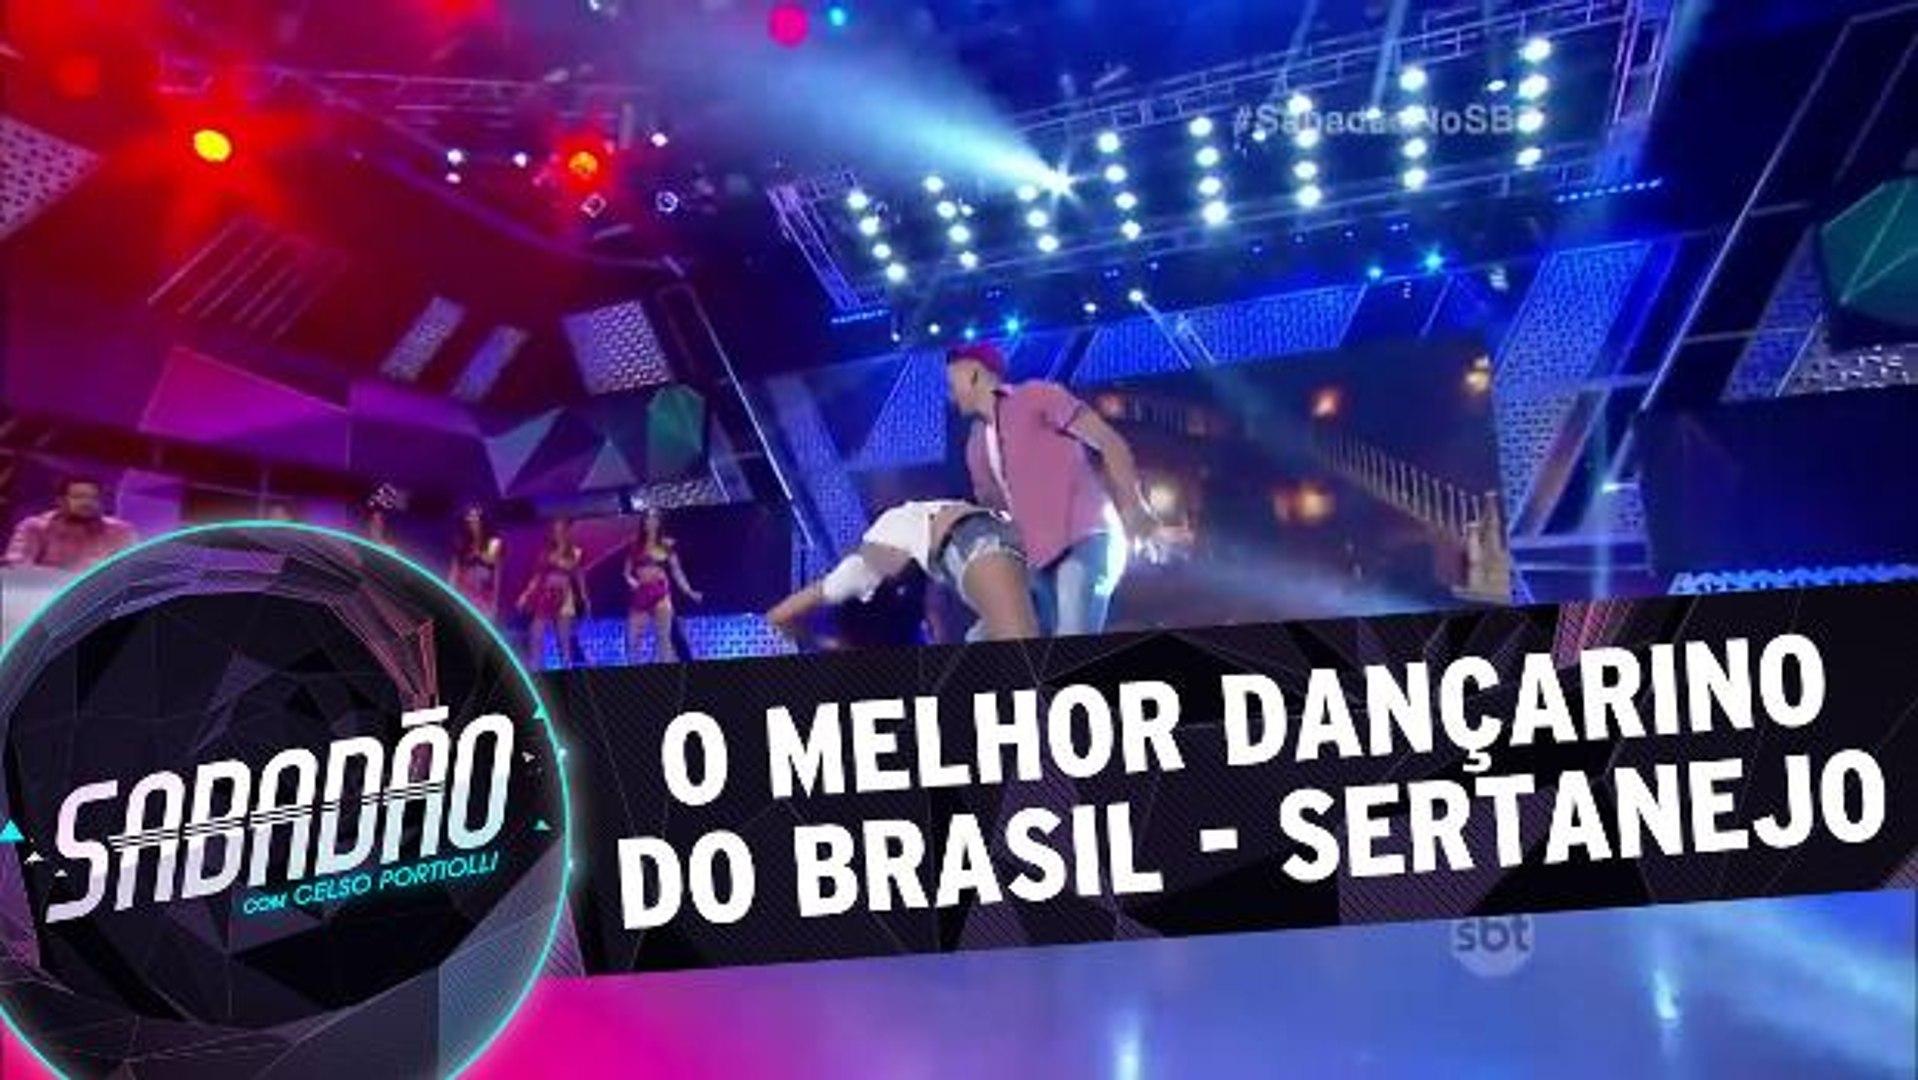 O melhor dançarino de funk do Brasil - Sertanejo Universitário